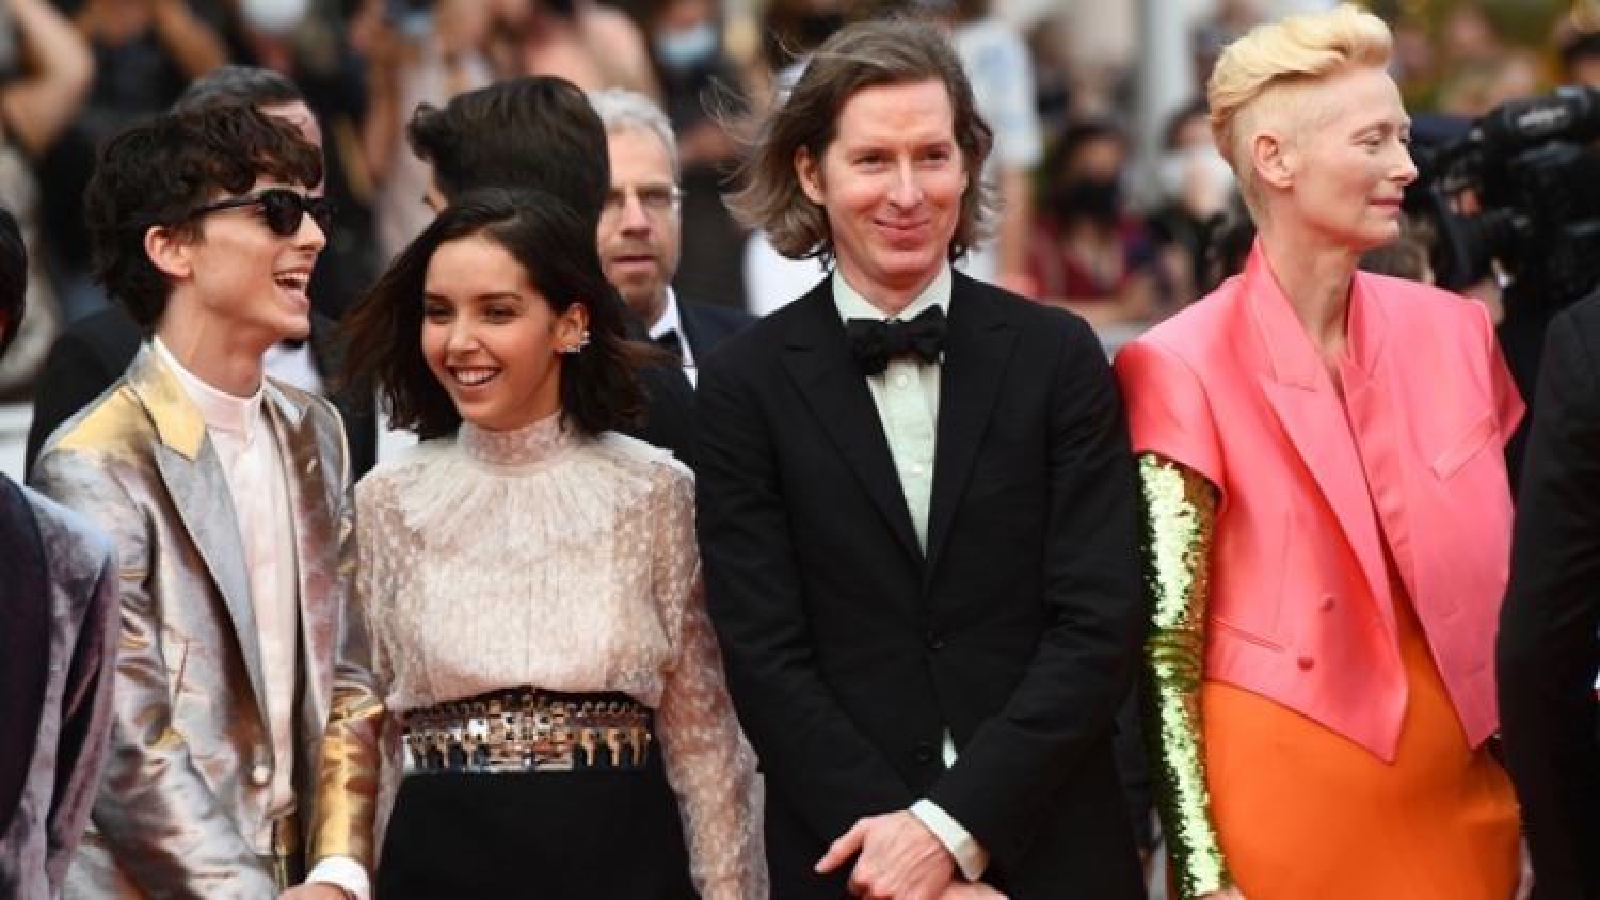 Liên hoan phim Cannes 2021 tốn 1 triệu USD cho xét nghiệm Covid-19